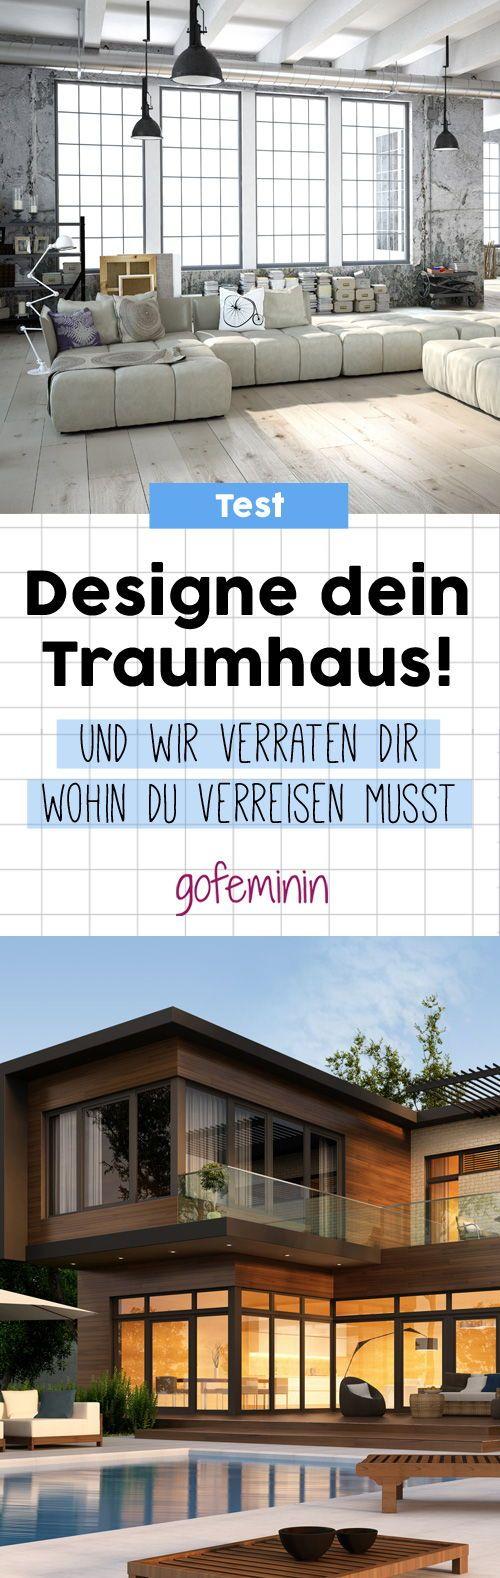 Wie würde dein Traumhaus aussehen? Mach den Test und wir verraten dir, was dein nächstes Reiseziel werden sollte! #test #interior #traumhaus #einrichtung #persönlichkeitstest #reiseziele